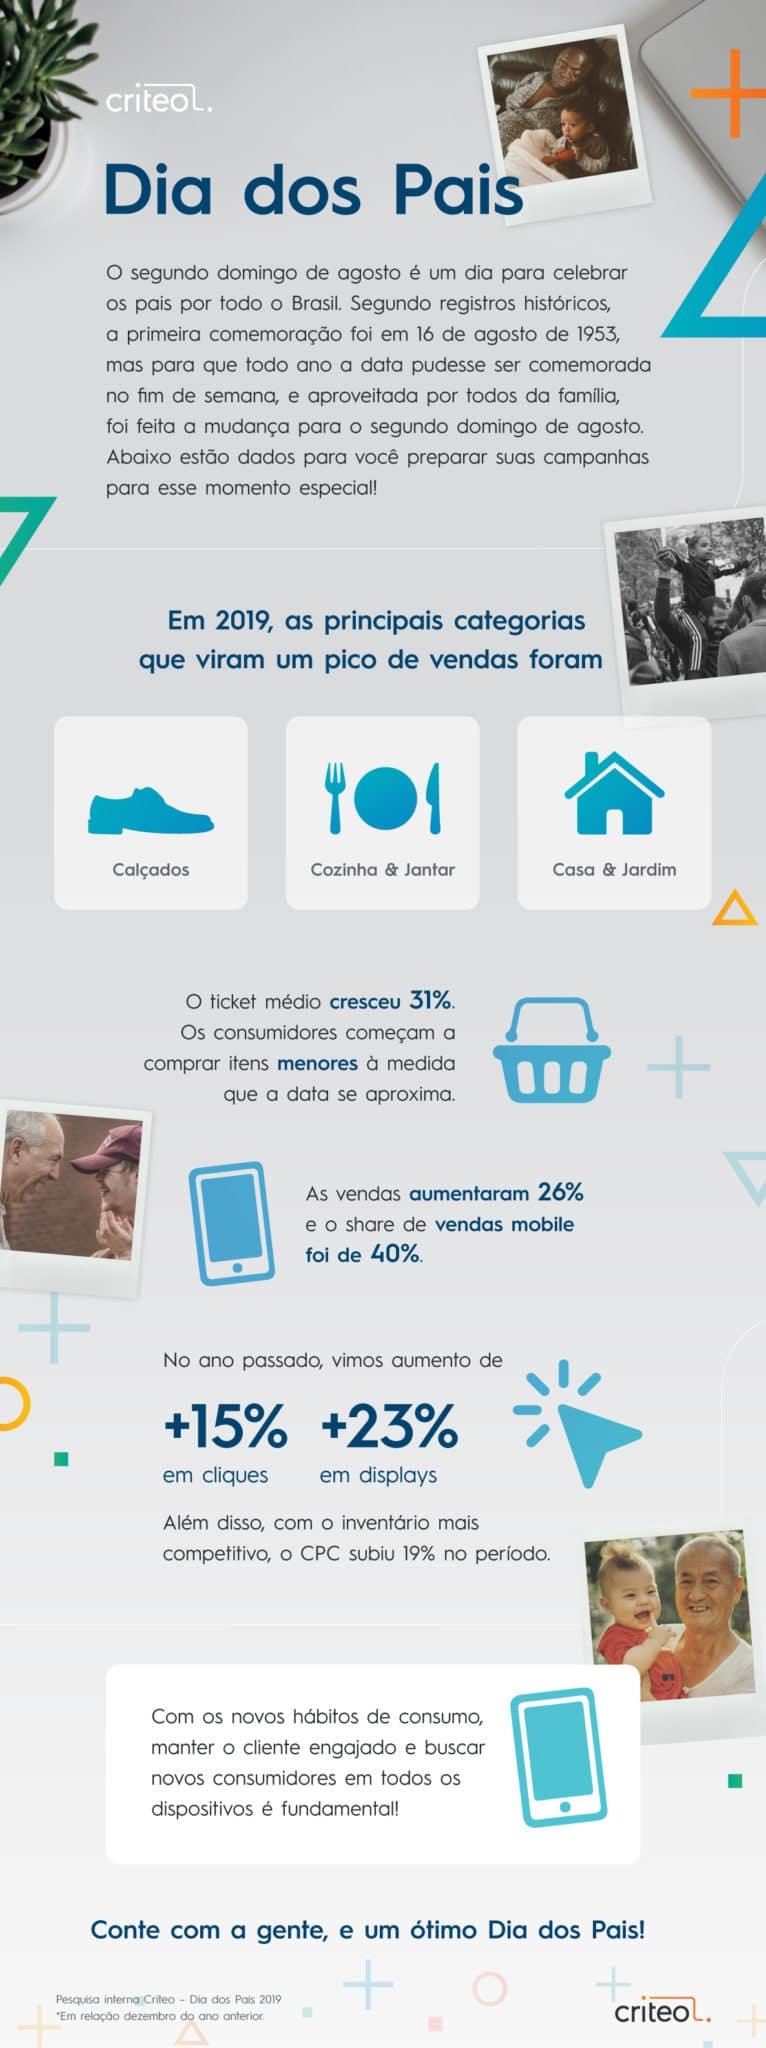 Como se planejar para a 3ª data mais importante do e-commerce no Brasil? Clique aqui e saiba as tendências e dicas valiosas que vão fazer o seu negócio online te deixar orgulhoso!